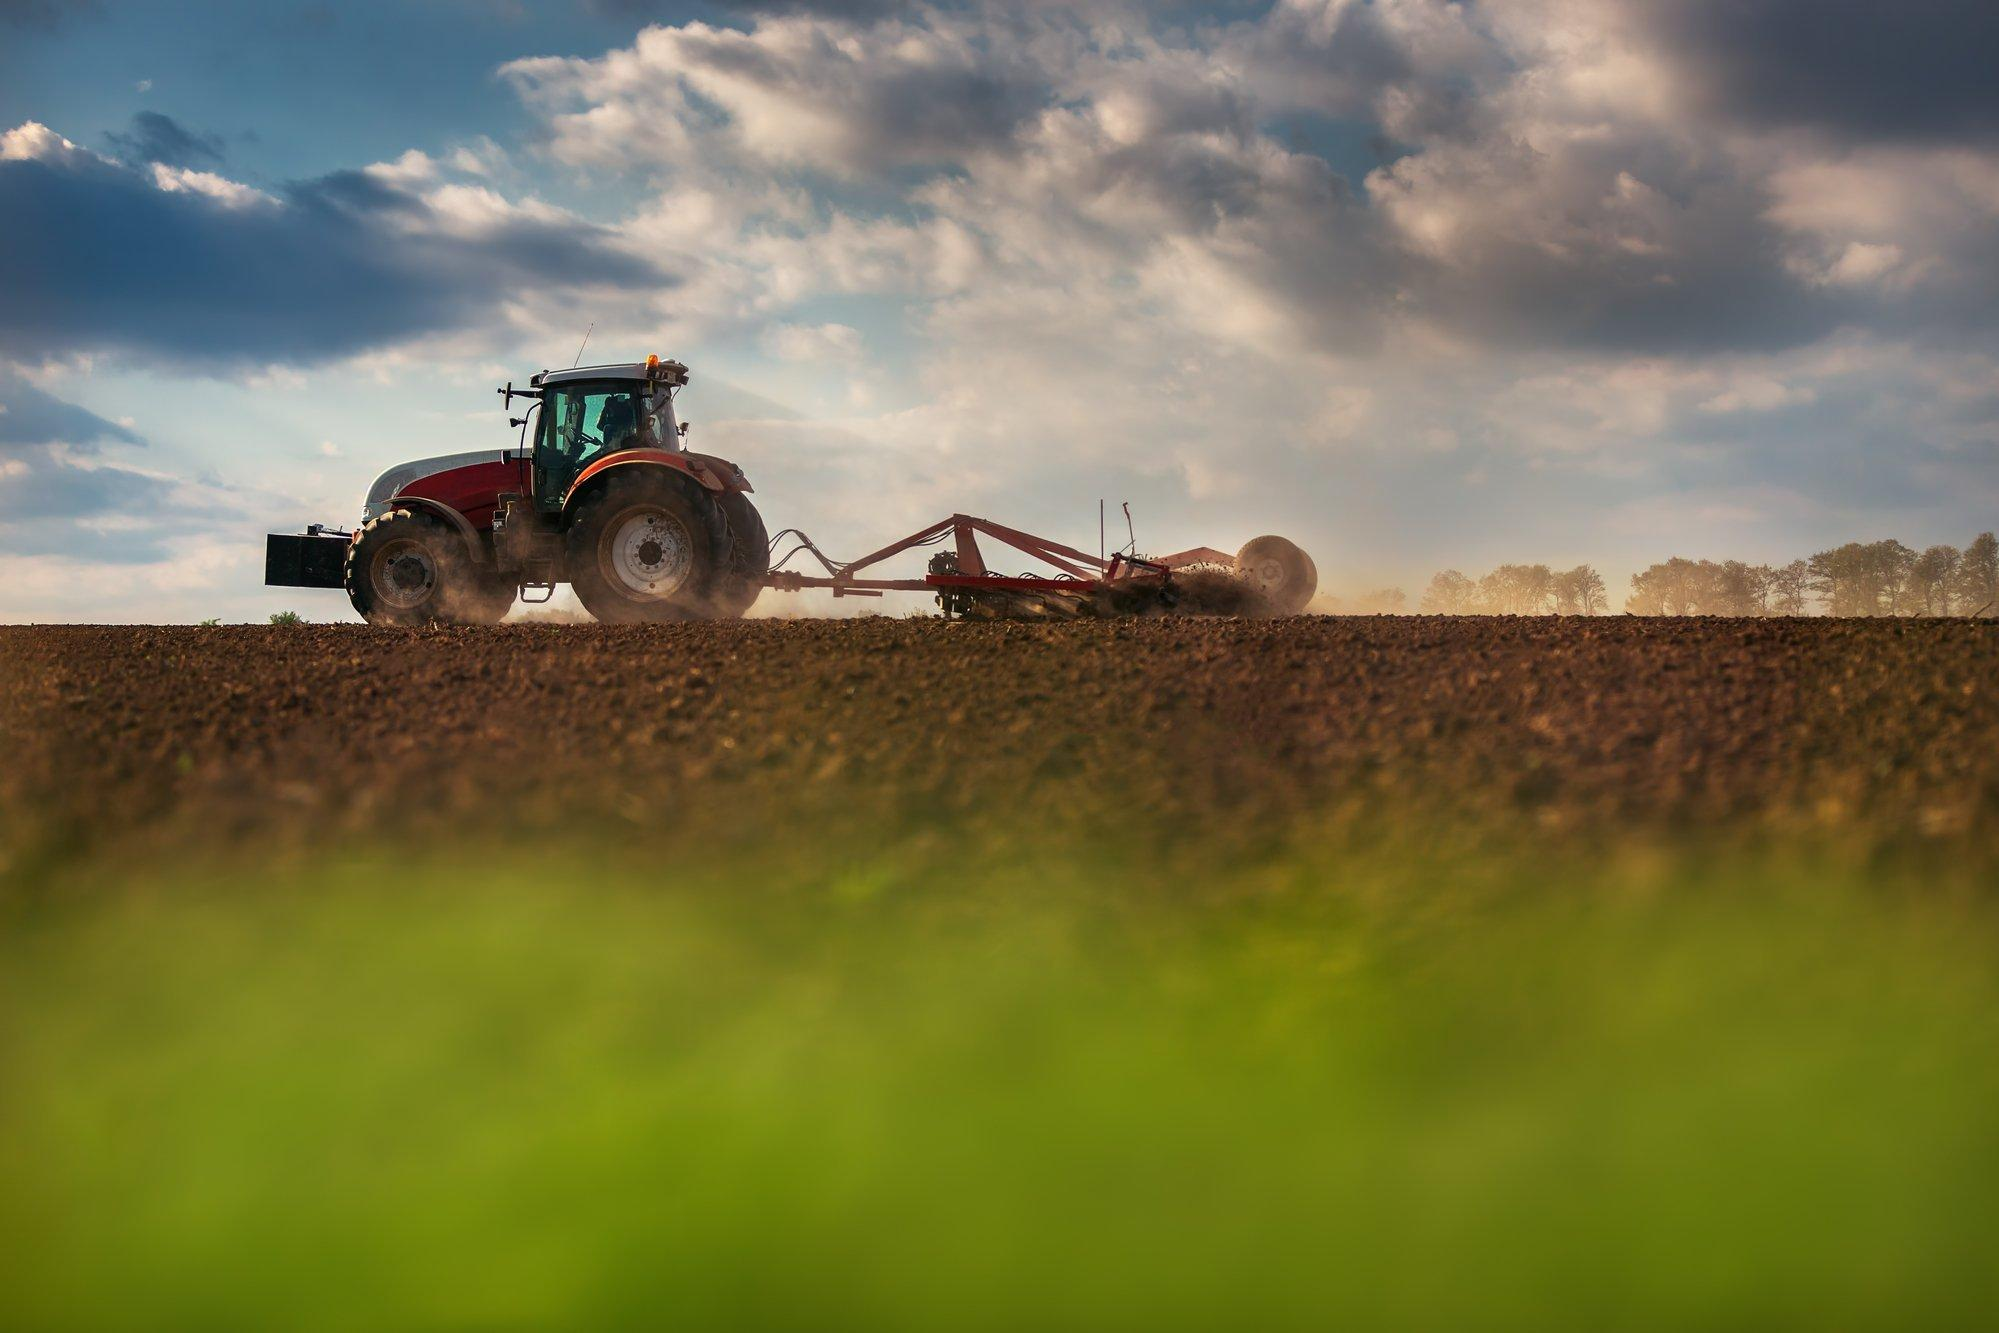 Ein Landwirt bestellt mit seinem Traktor einen Acker.